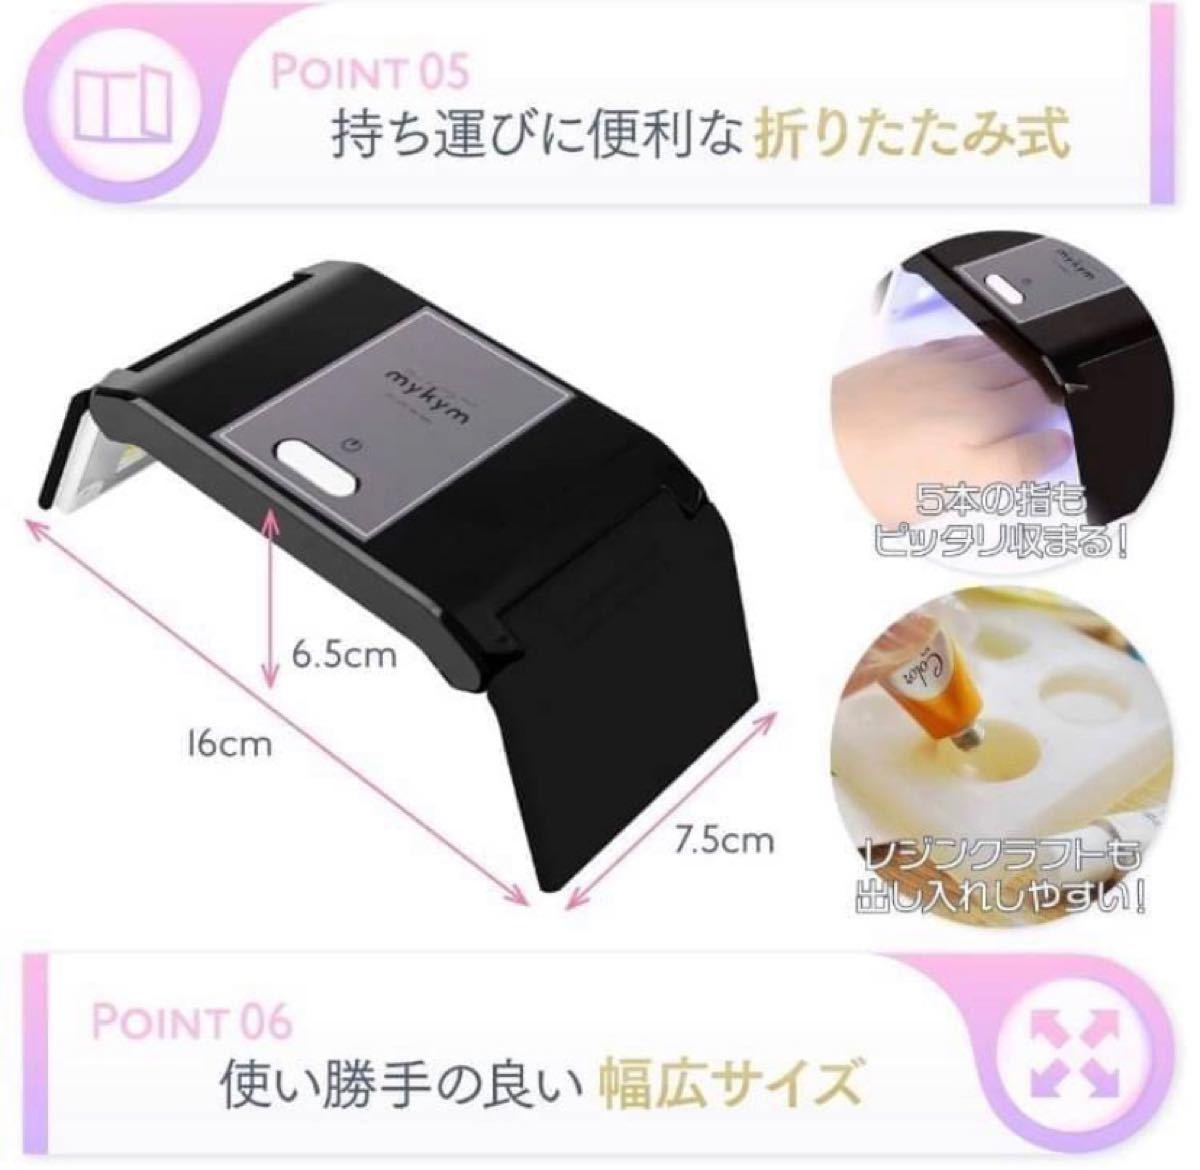 *UV ジェルネイルライト*LED ネイル レジン 日本語 説明書付 コンパクト